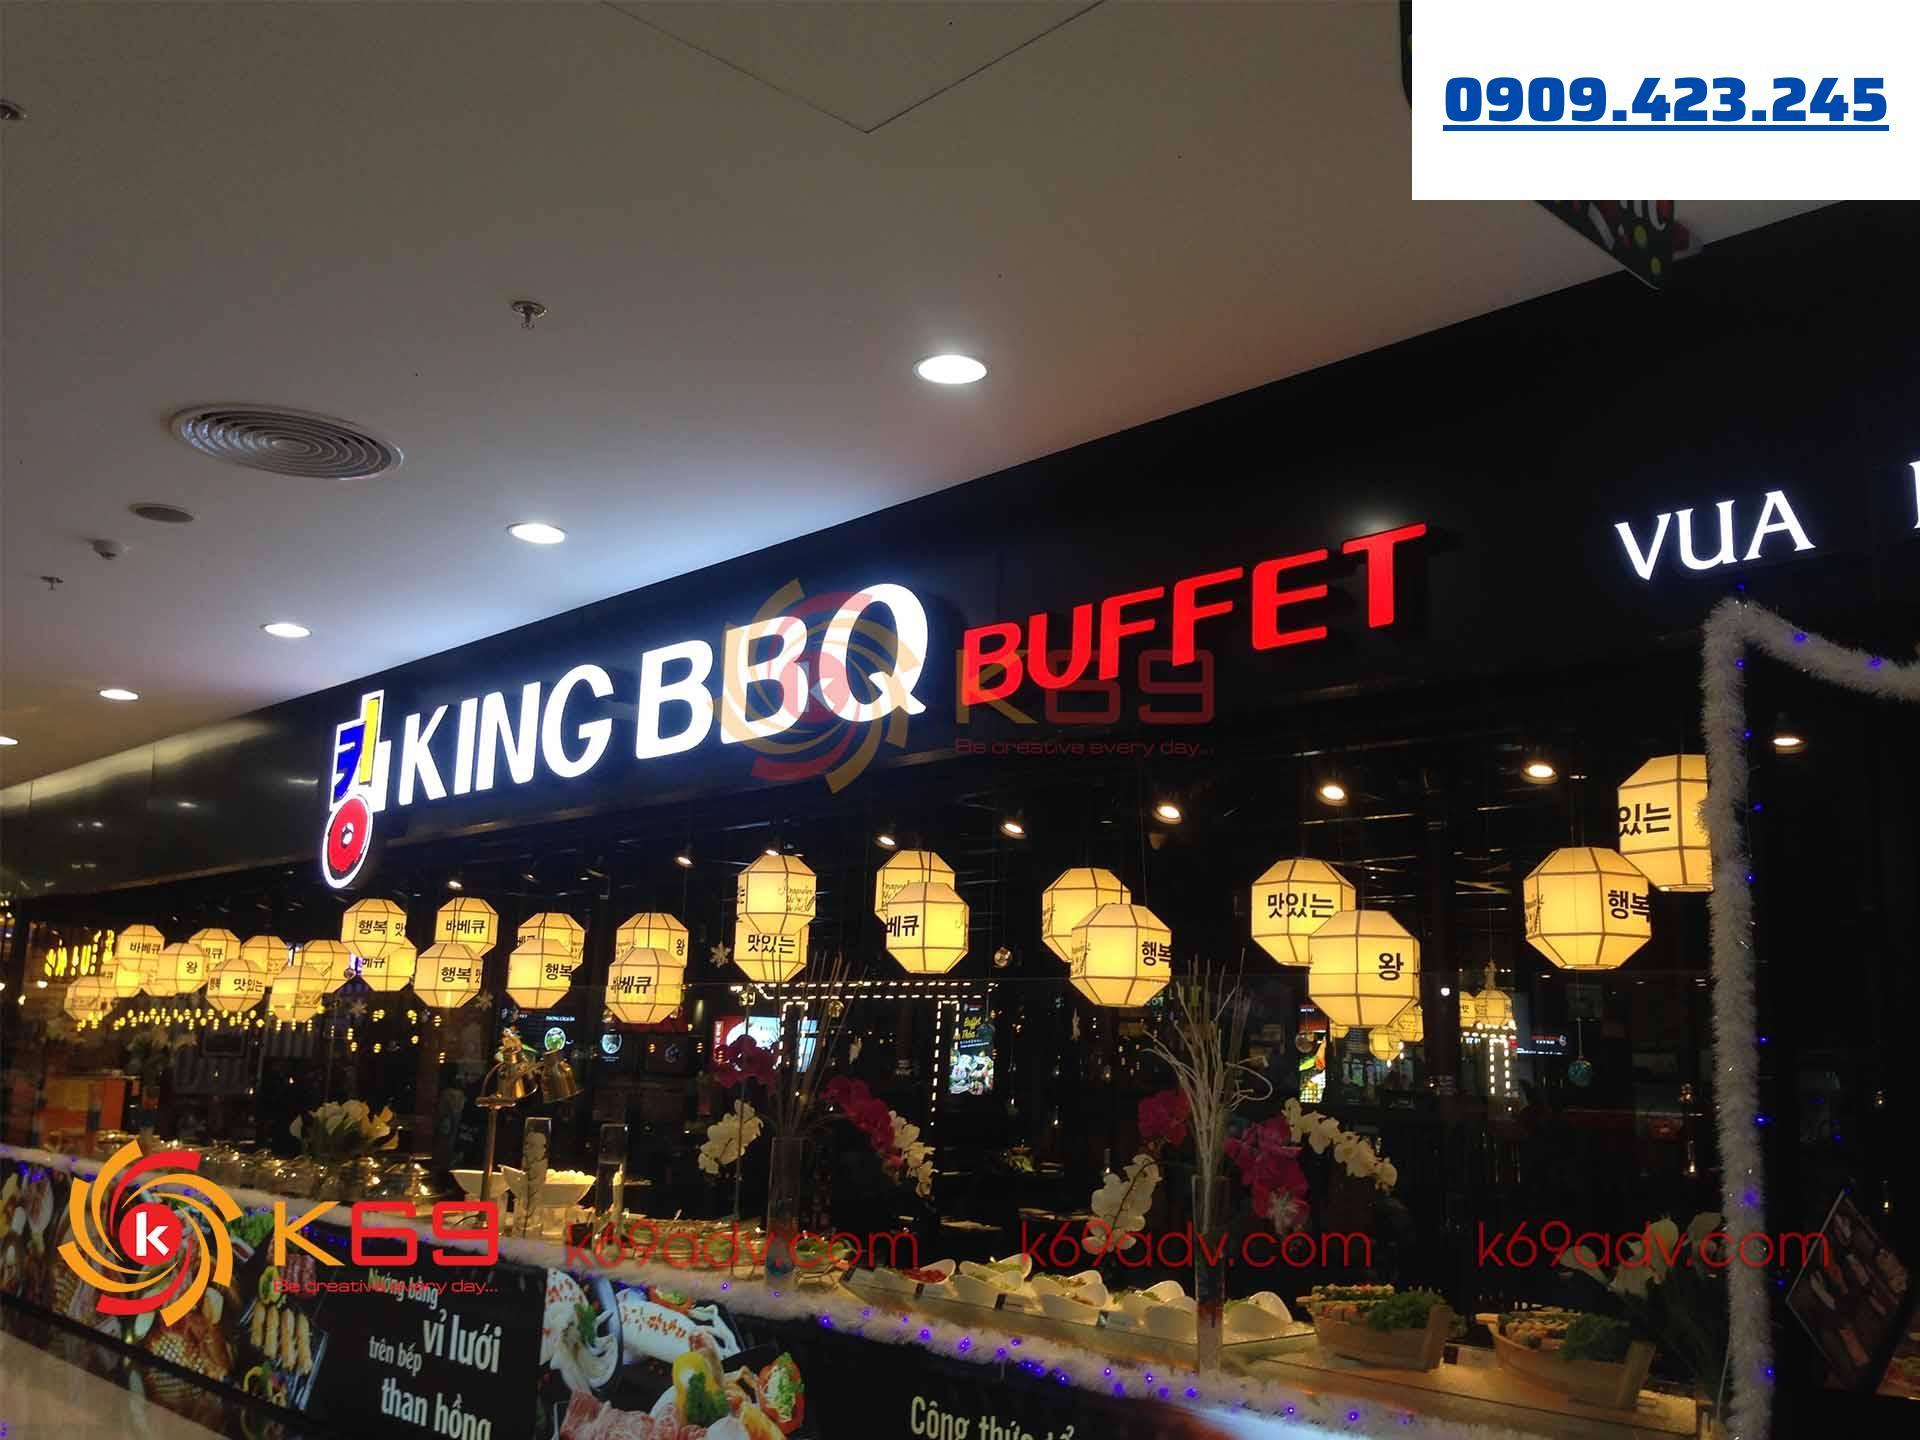 Làm bảng hiệu quảng cáo nhà hàng King BBQ